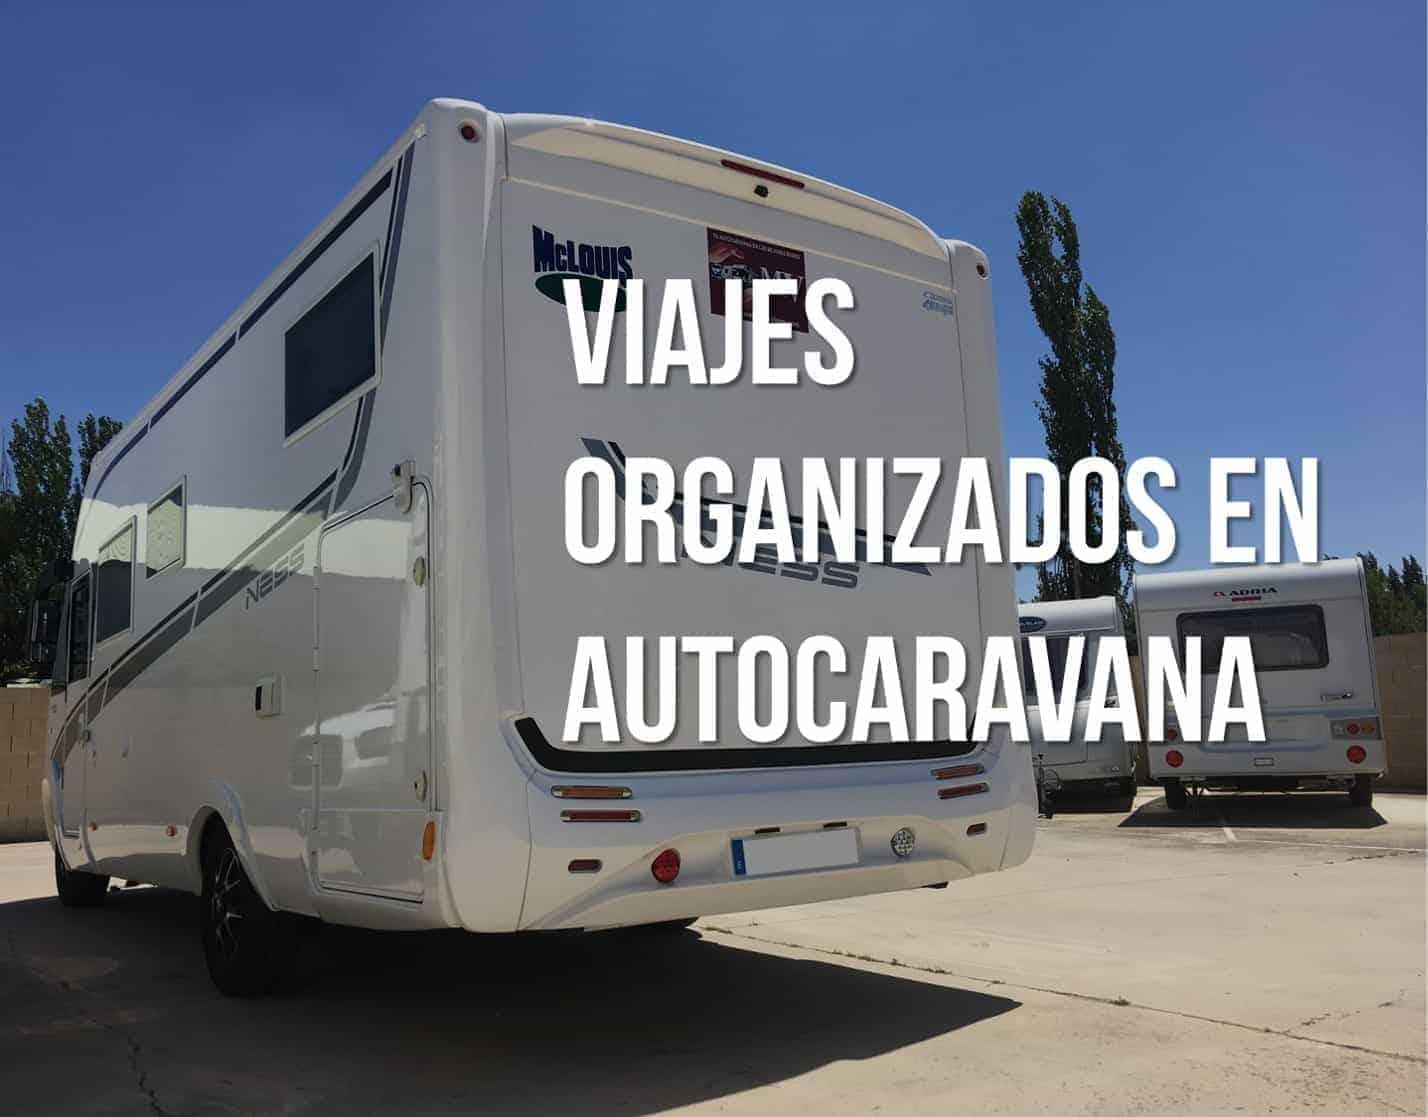 viajes organizados en autocaravana